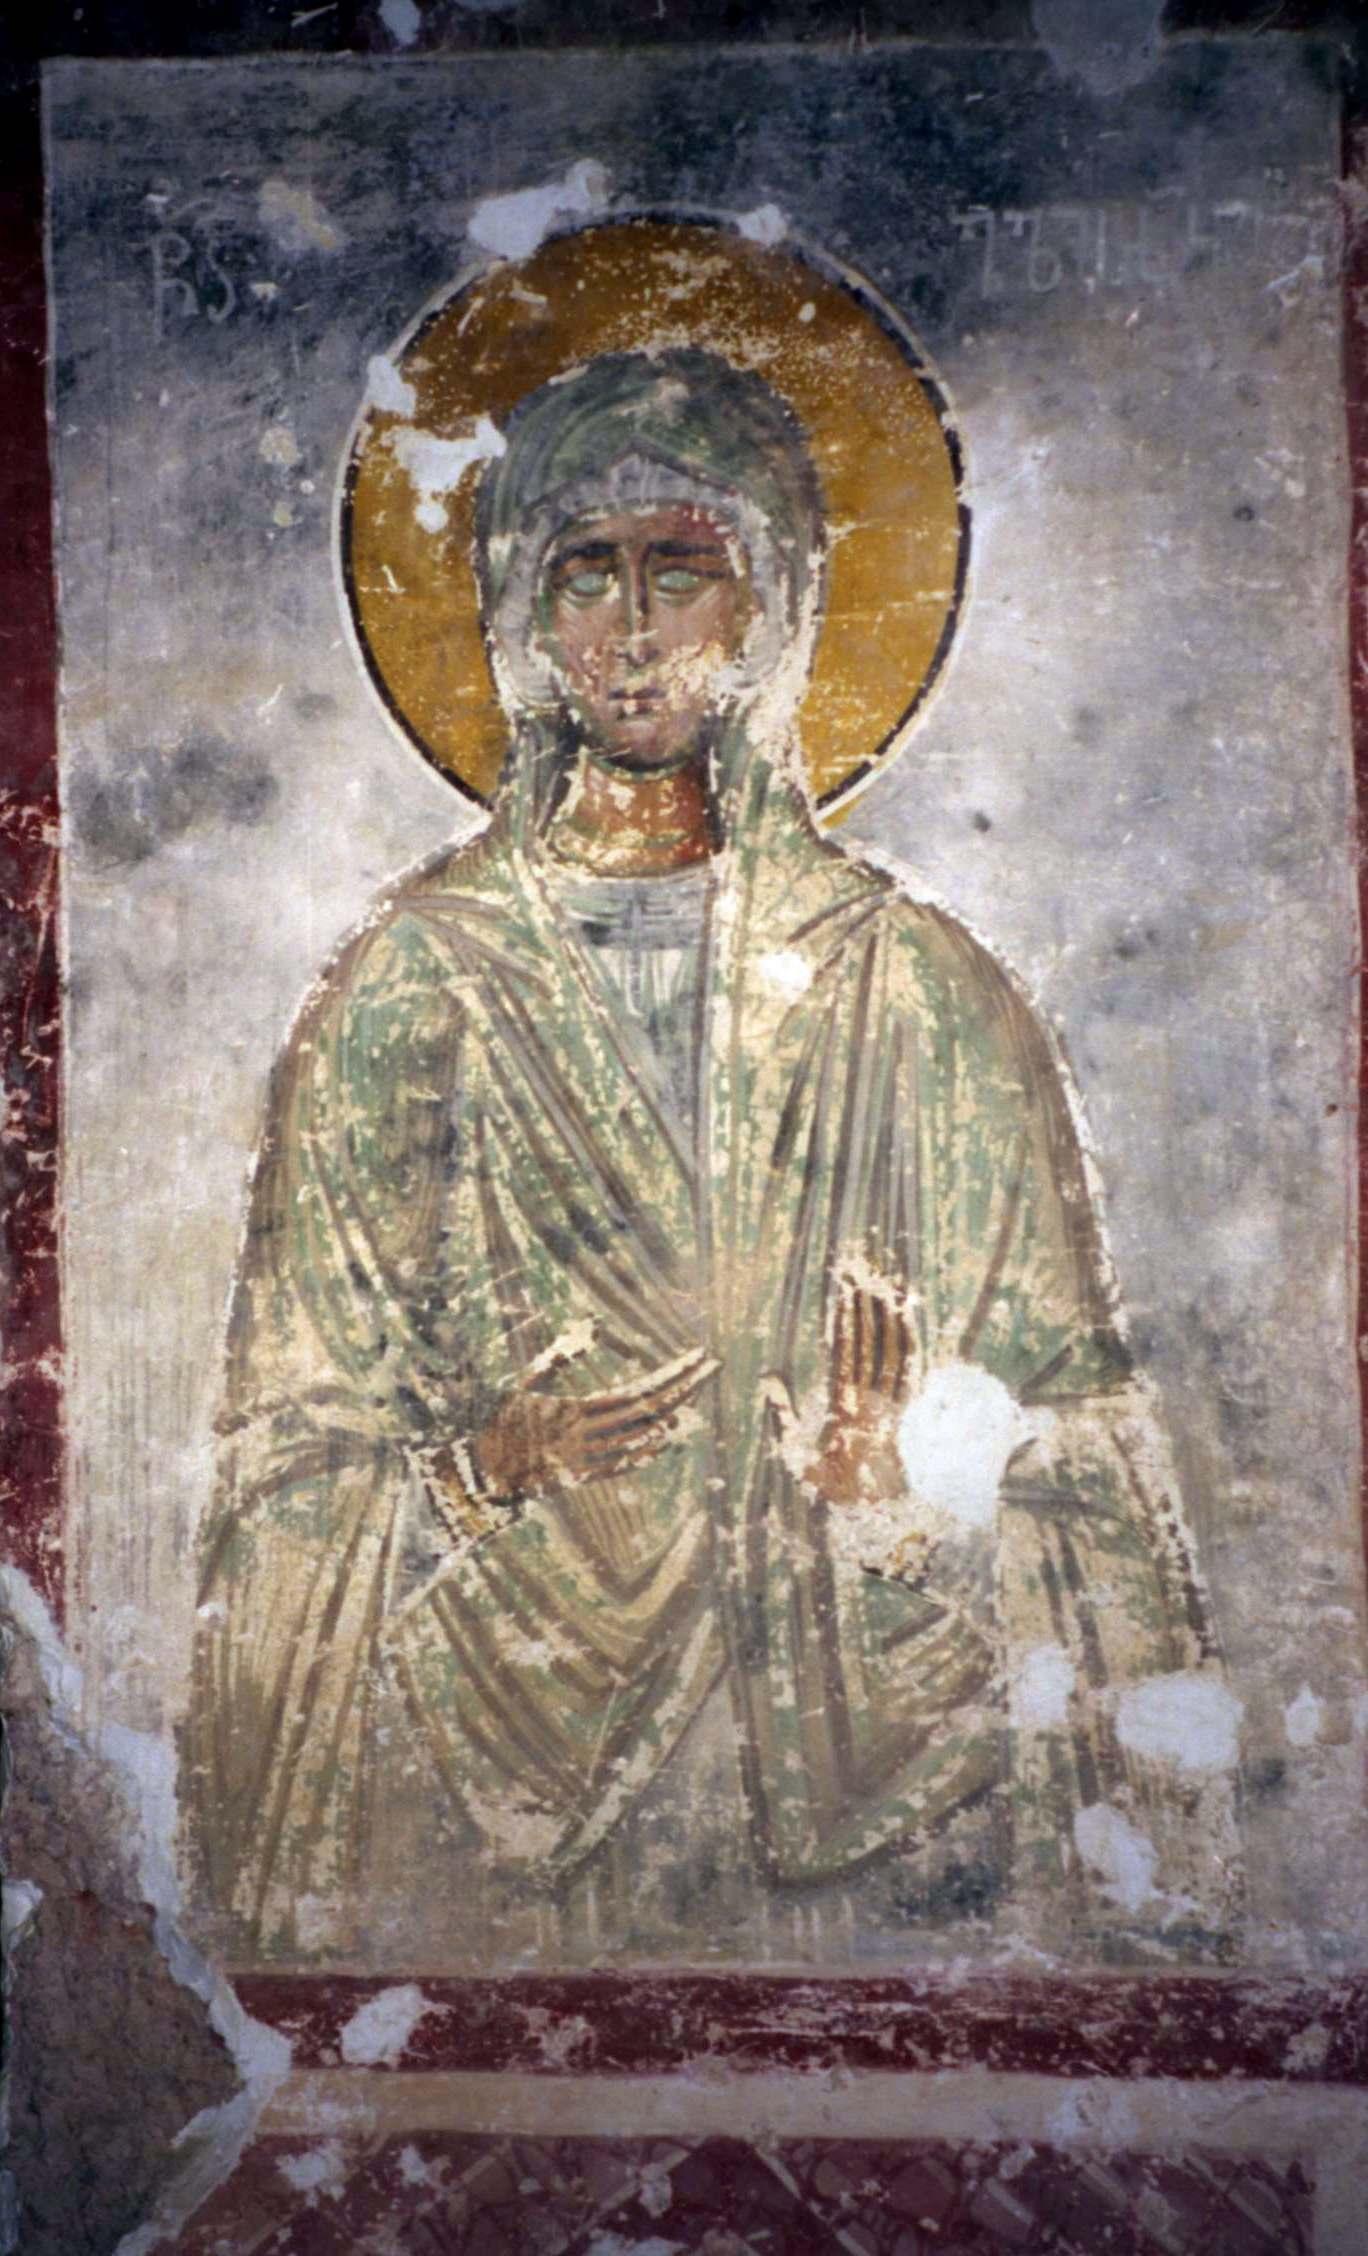 Святая Праведная Елисавета, мать Св. Иоанна Предтечи. Фреска собора Христа Спасителя в Цаленждихе, Грузия. XIV век.